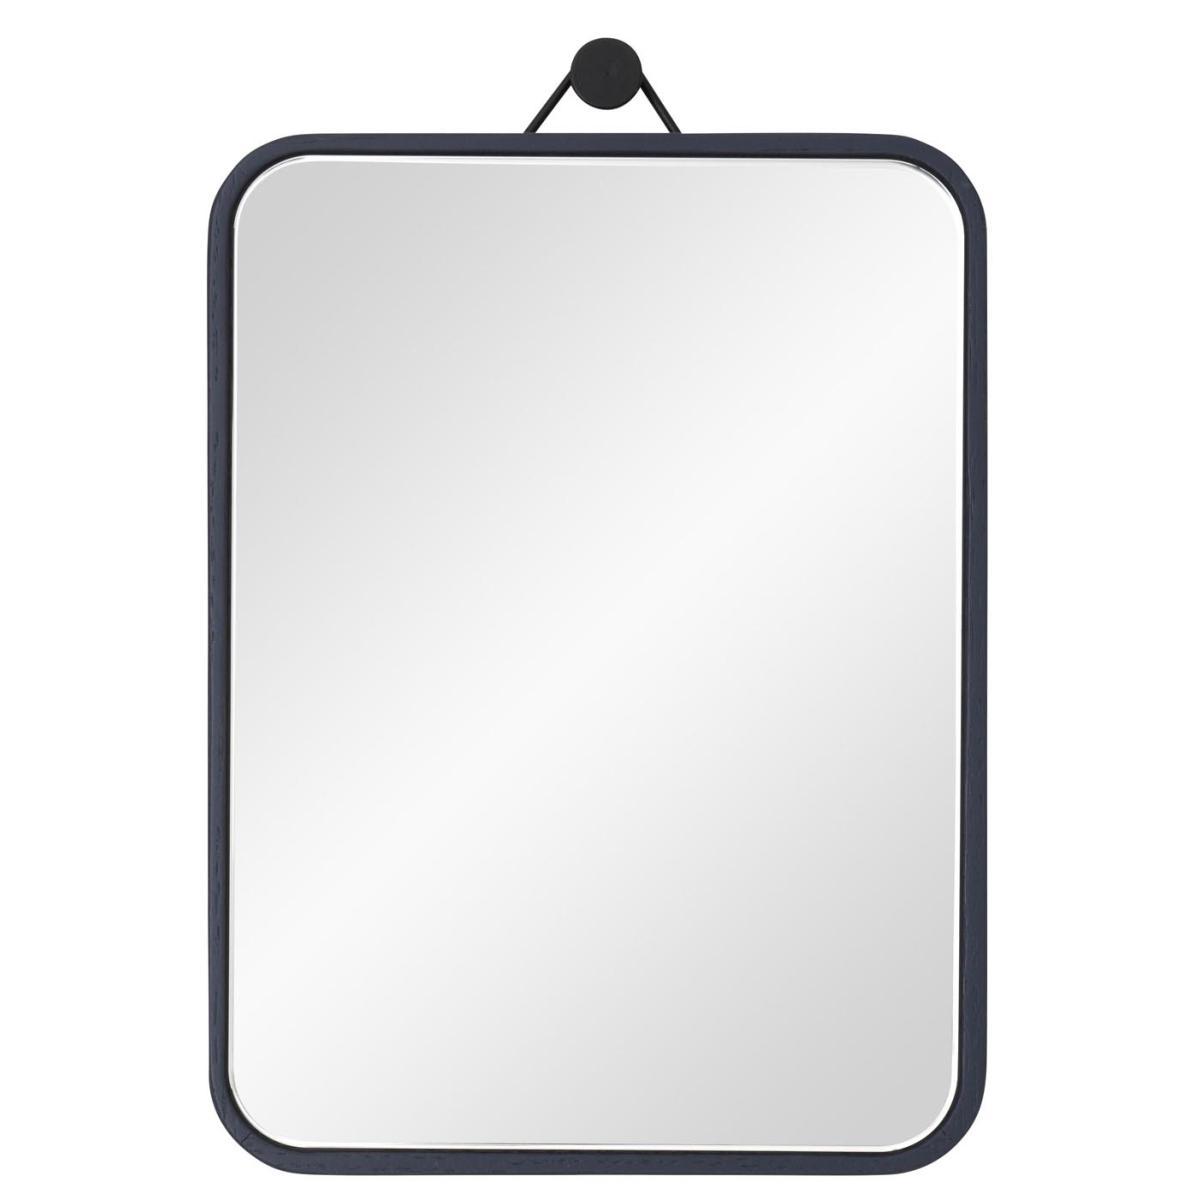 VIEW Spiegel 15 x 20 cm Eiche nachtblau